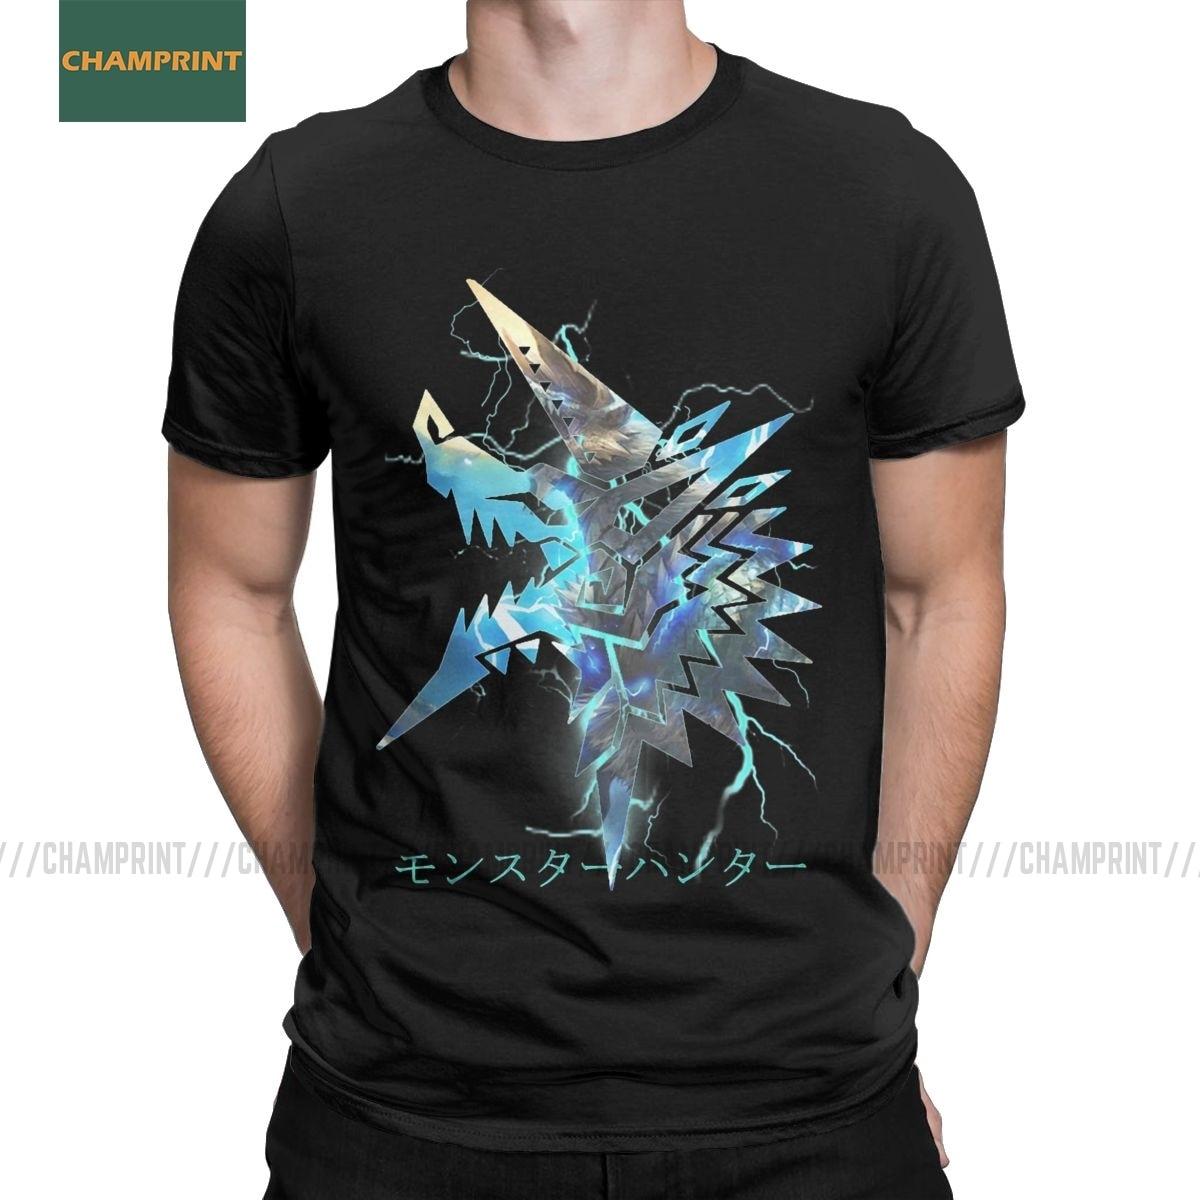 Zinogre Monster Hunter World camisetas de algodón Vintage para hombres, camisetas de juego de dragón de Rathian MHW, camisetas de manga corta